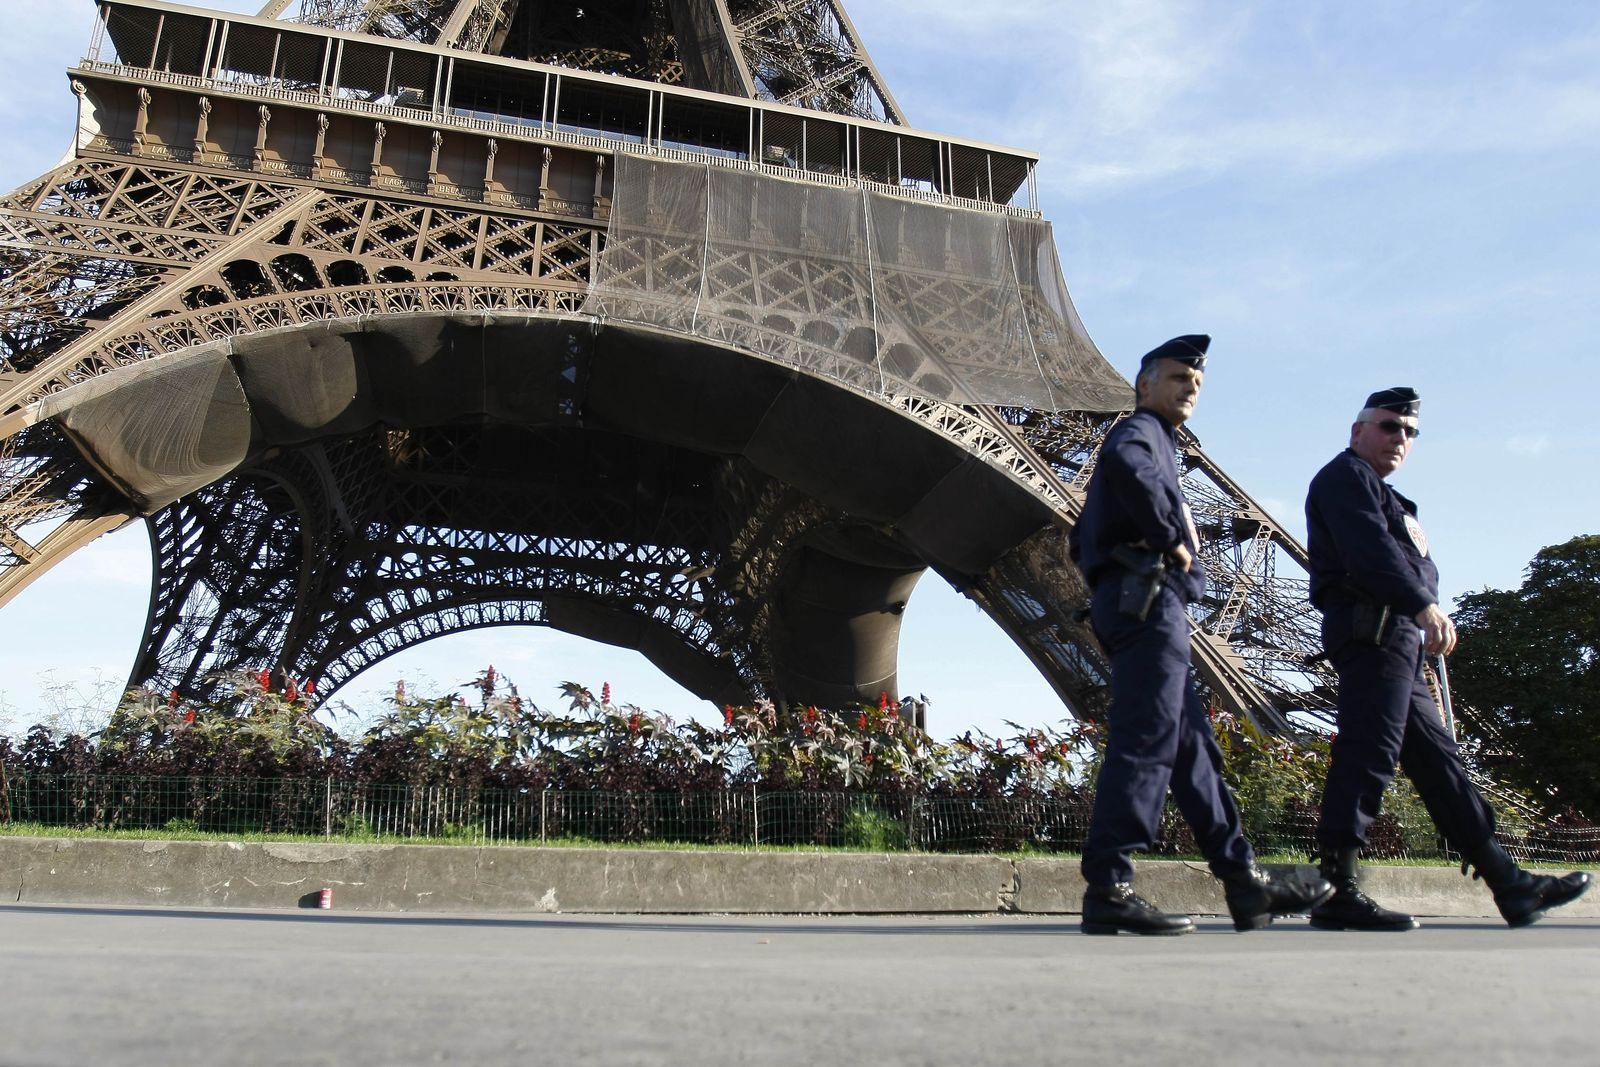 Frankreich / Eiffelturm / Polizei